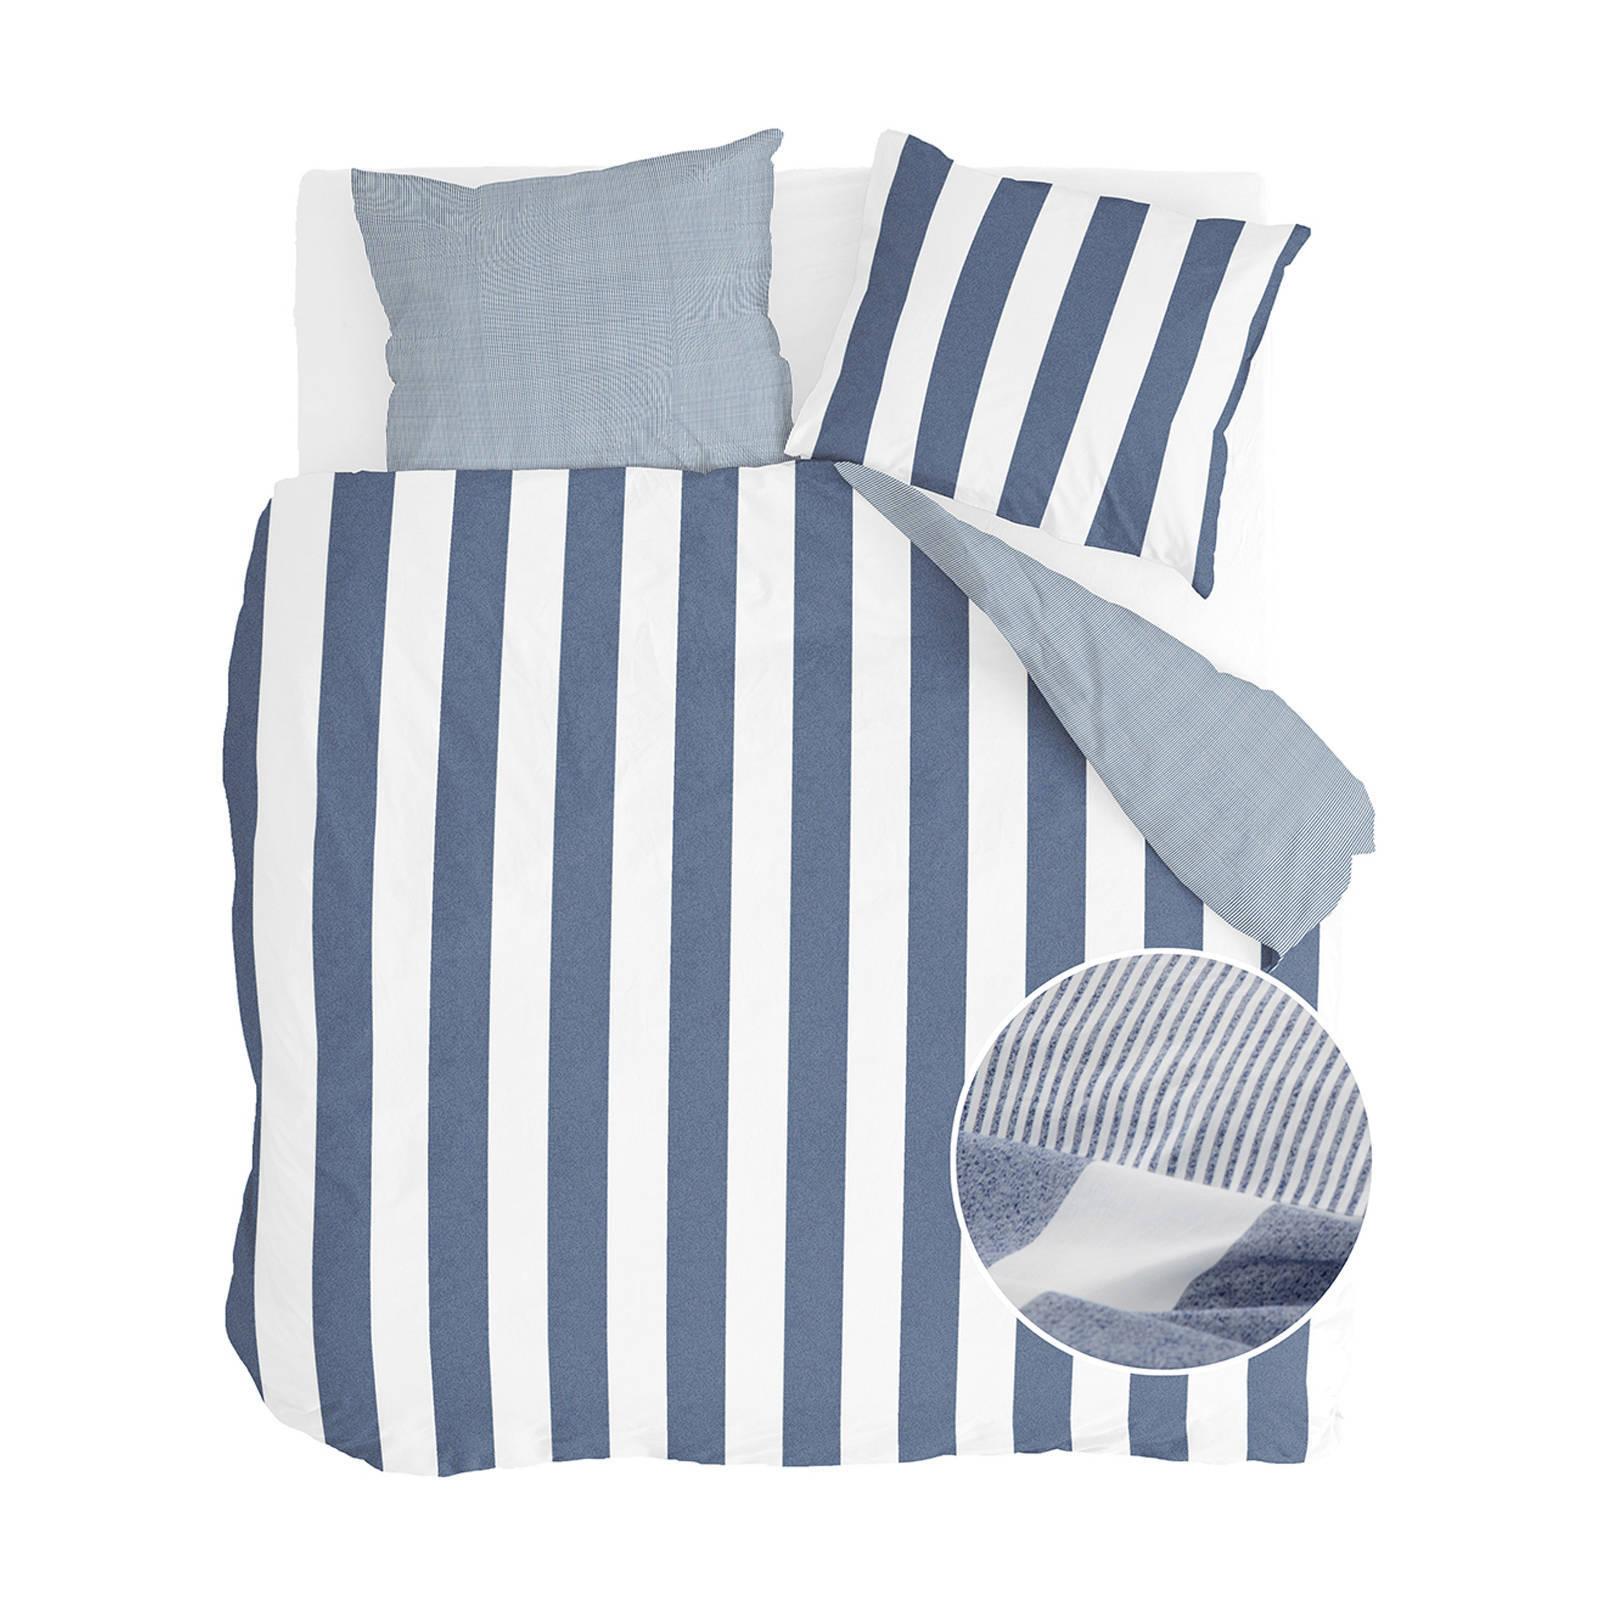 walra katoenen dekbedovertrek lits jumeaux blauw